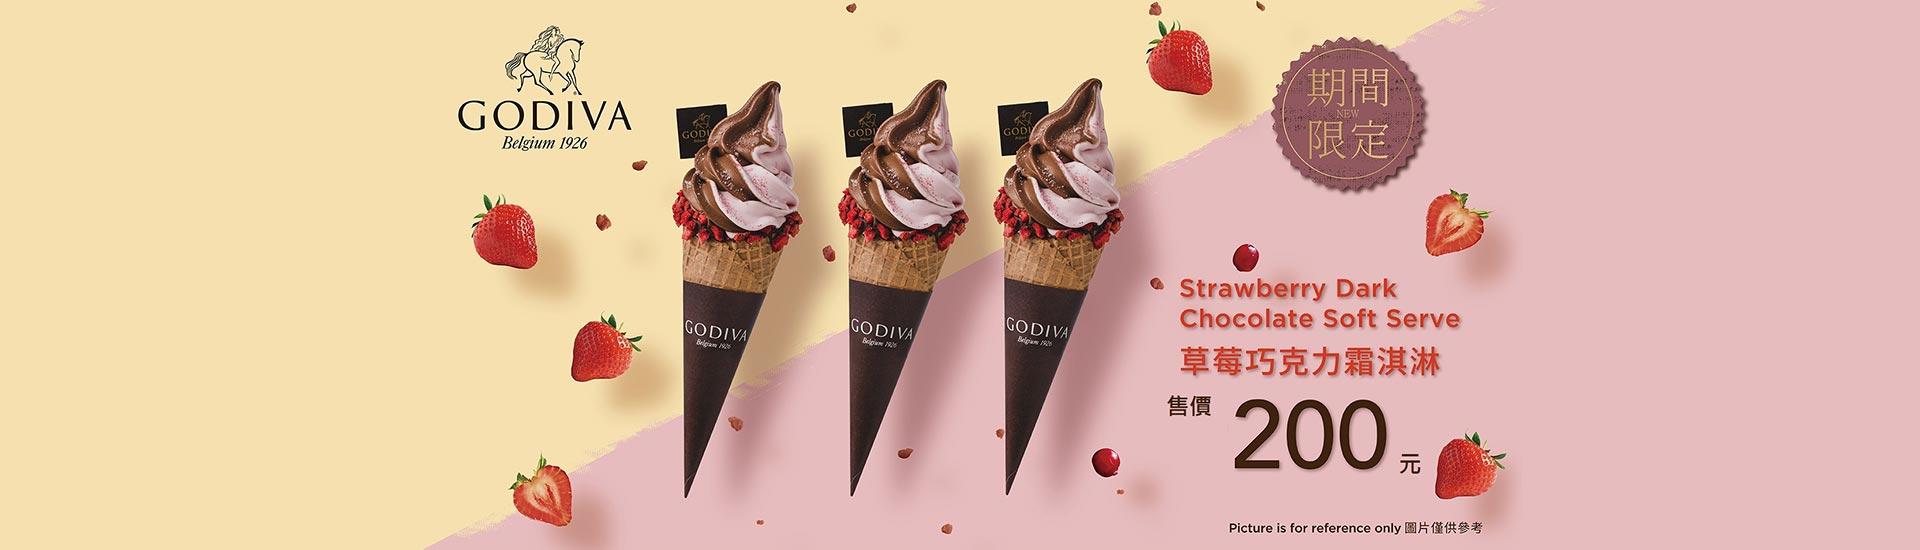 復興館B3 GODIVA 期間限定 - 草莓巧克力霜淇淋